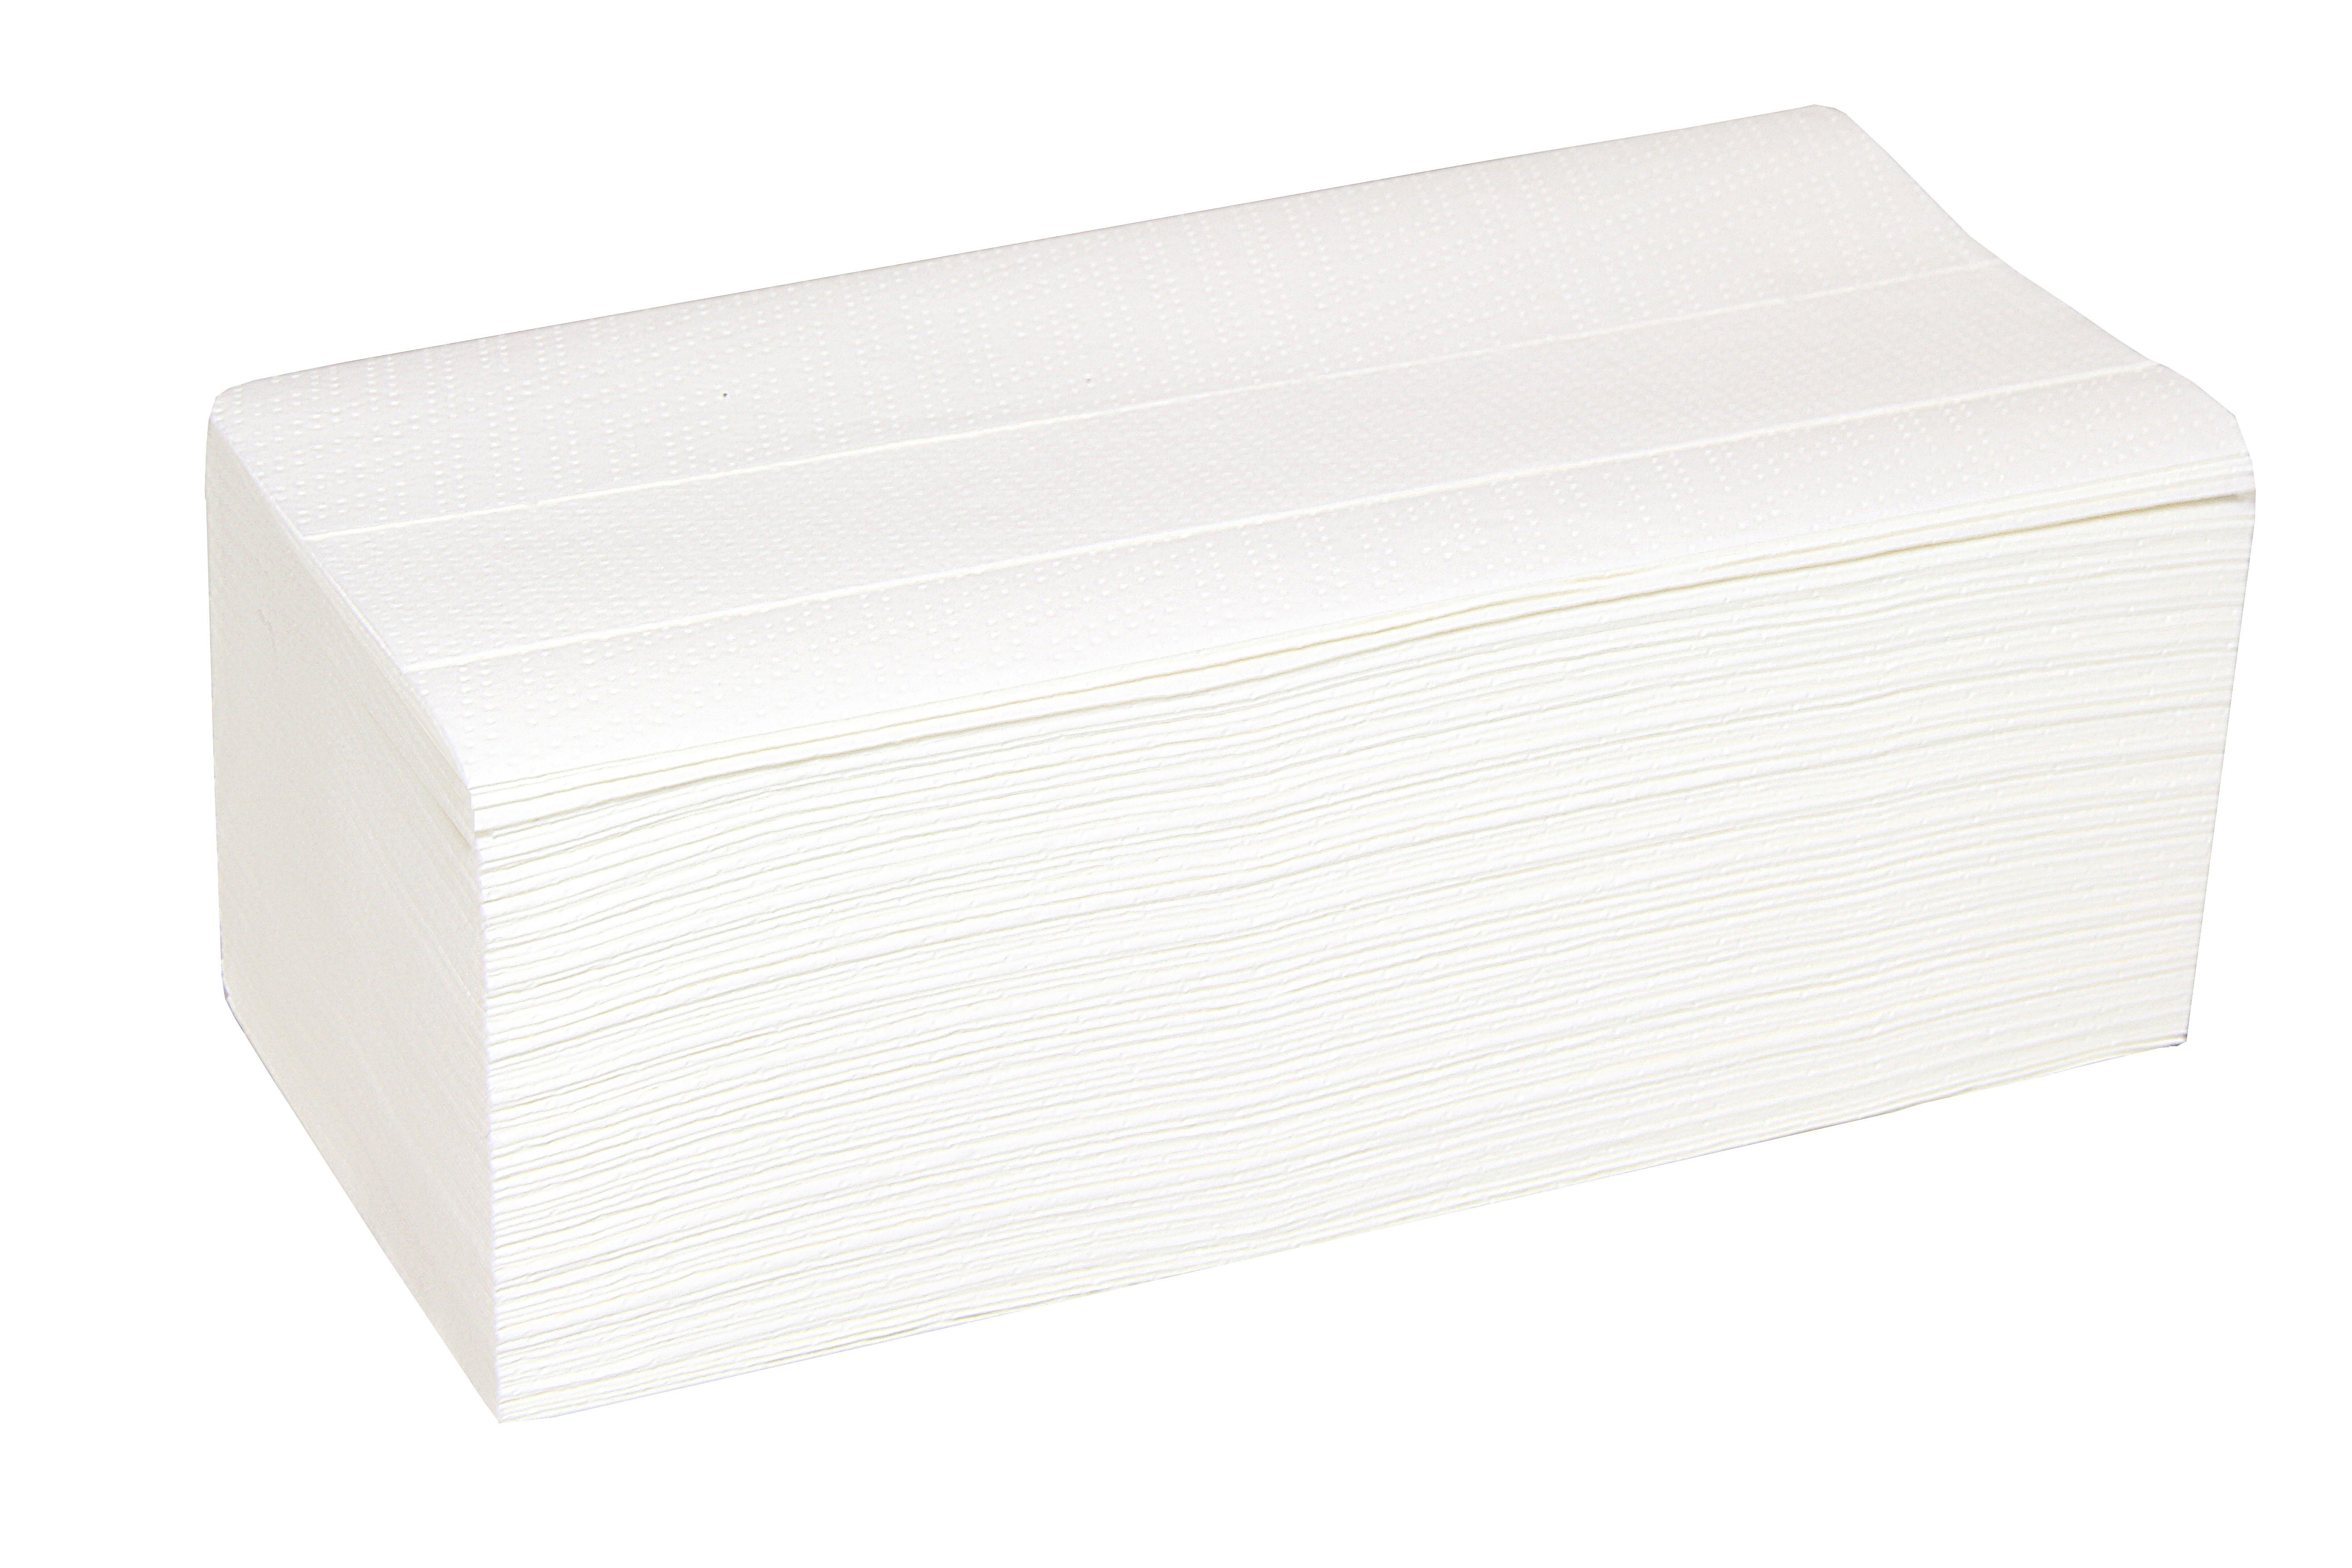 Handtuchpapier Interfold, 2-lagig, 3000 Stück, hochweiß, Zellstoff, 20,6 x 32 cm